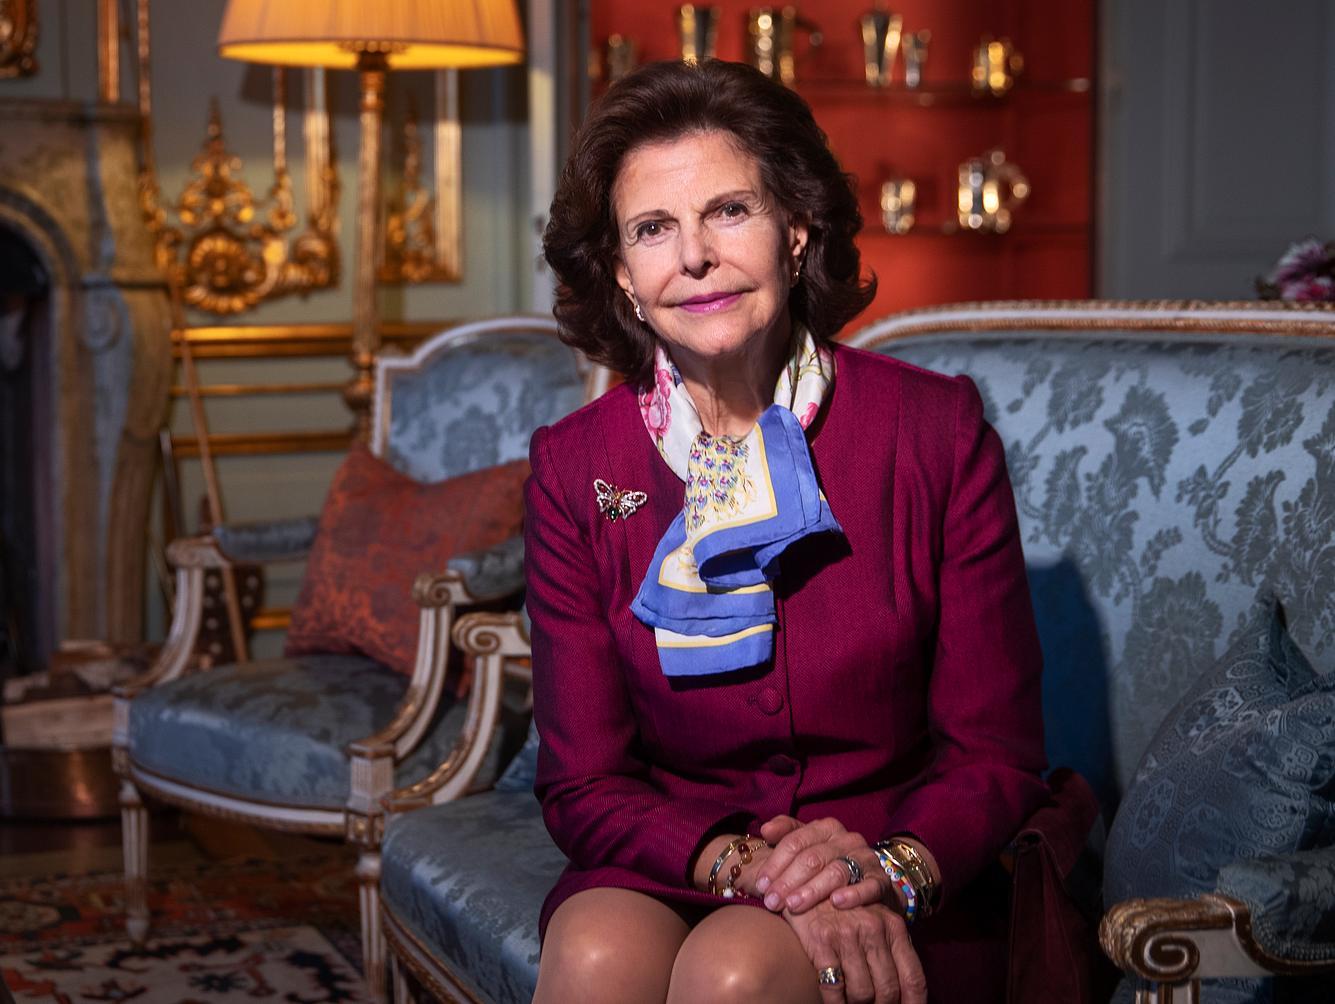 Königin Silvia von Schweden posiert für ein Fotoshooting mit der Göteborgs-Posten Zeitung.